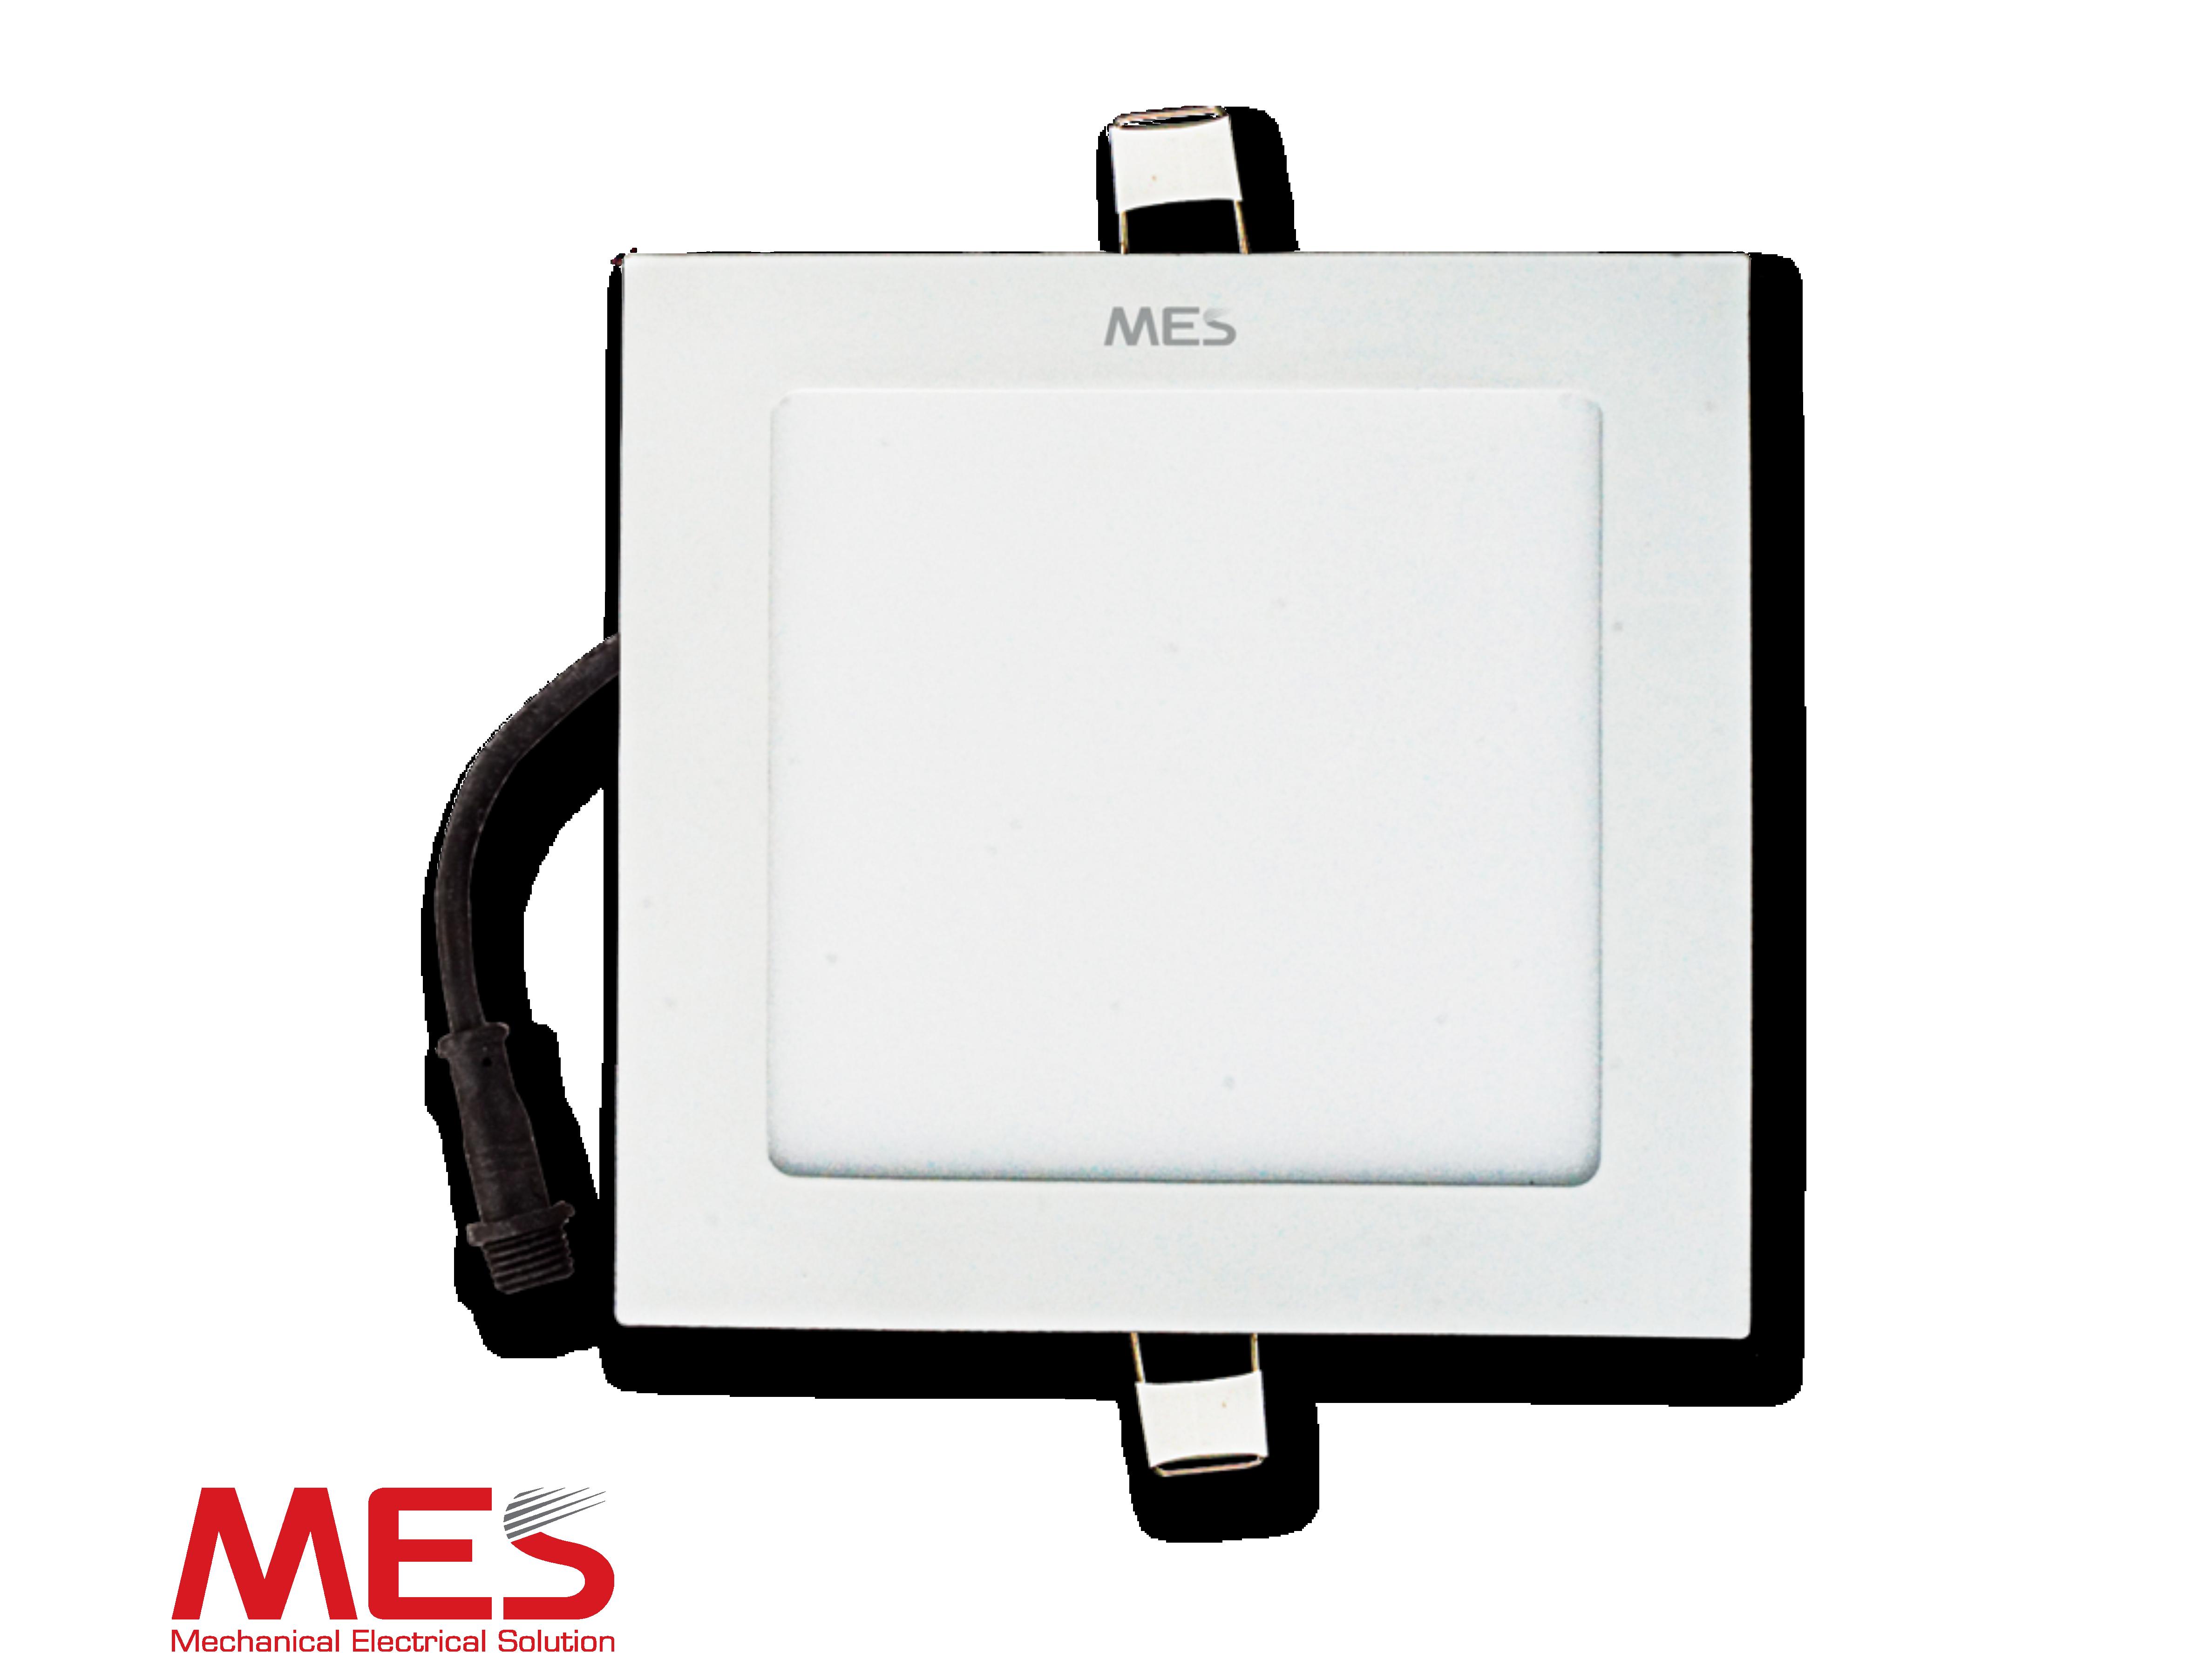 Đèn LED âm trần MES Chất lượng cao Kiểu dáng sang trọng